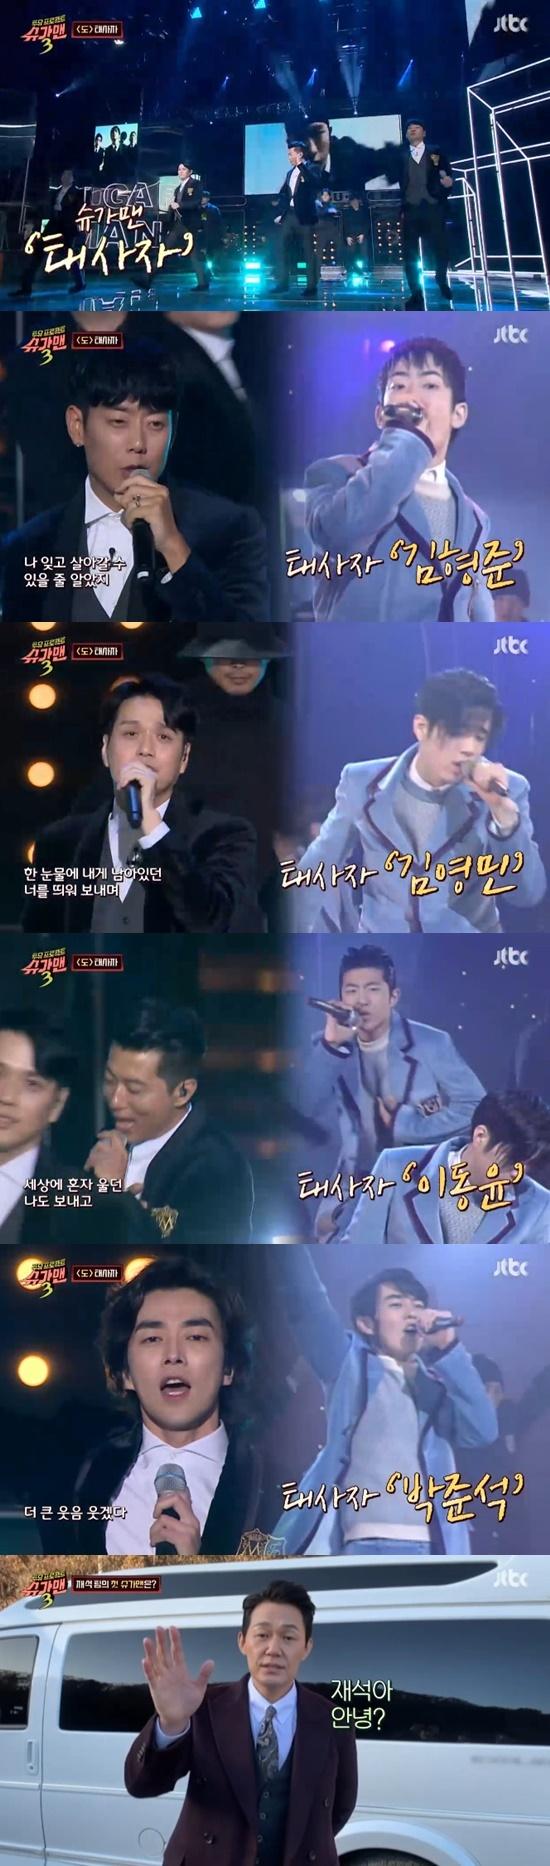 '슈가맨3' 태사자, '도' 열창하며 소환 완료…박성웅 제보